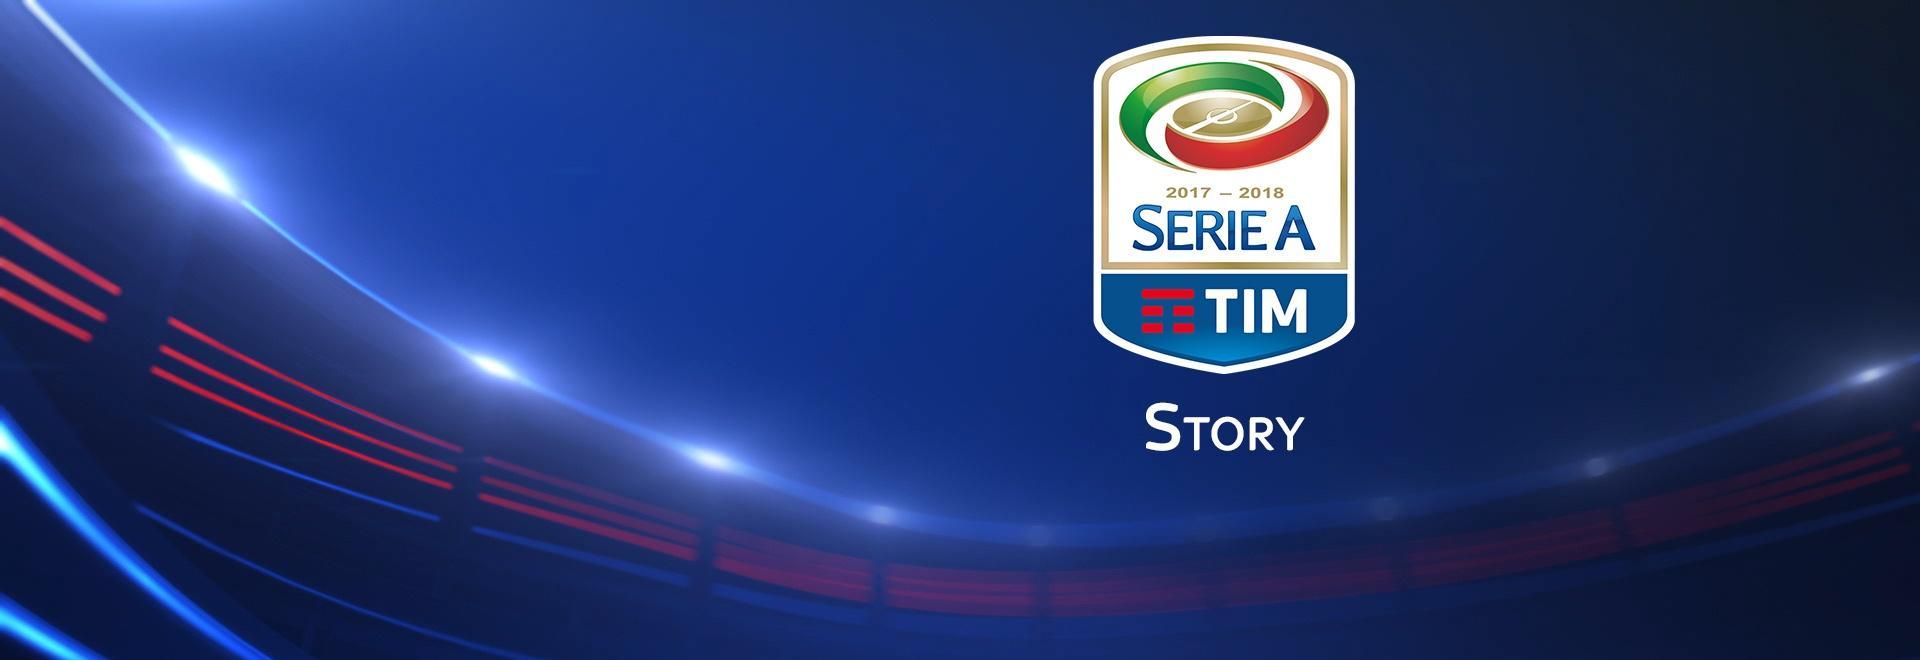 Genoa - Sampdoria 04/11/17